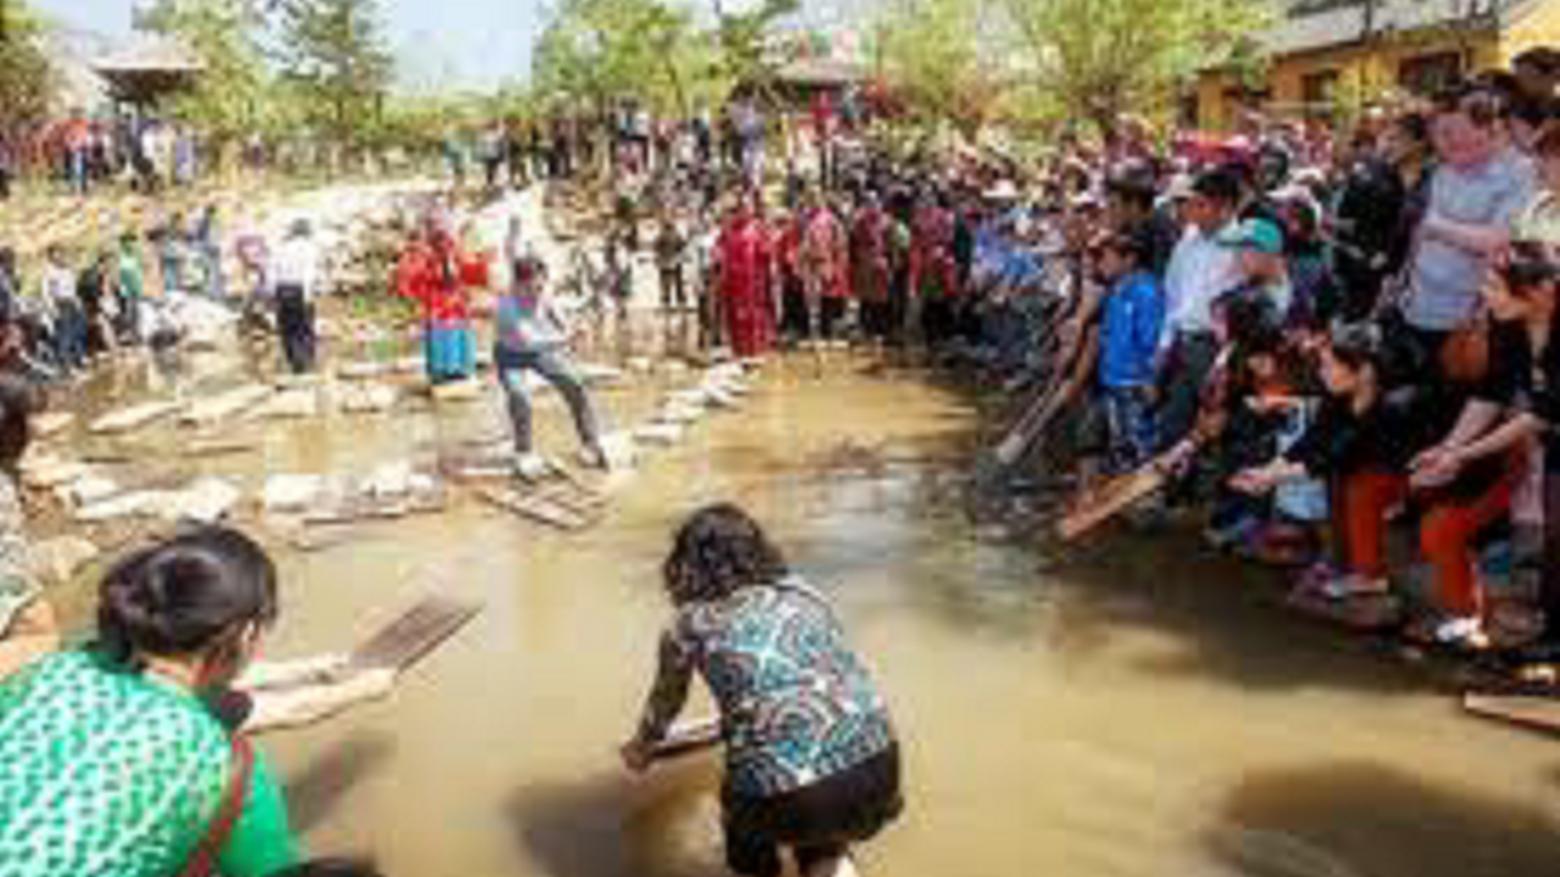 一条流着黄金的河流!人们经常拿着工具来捞,国家居然很鼓励